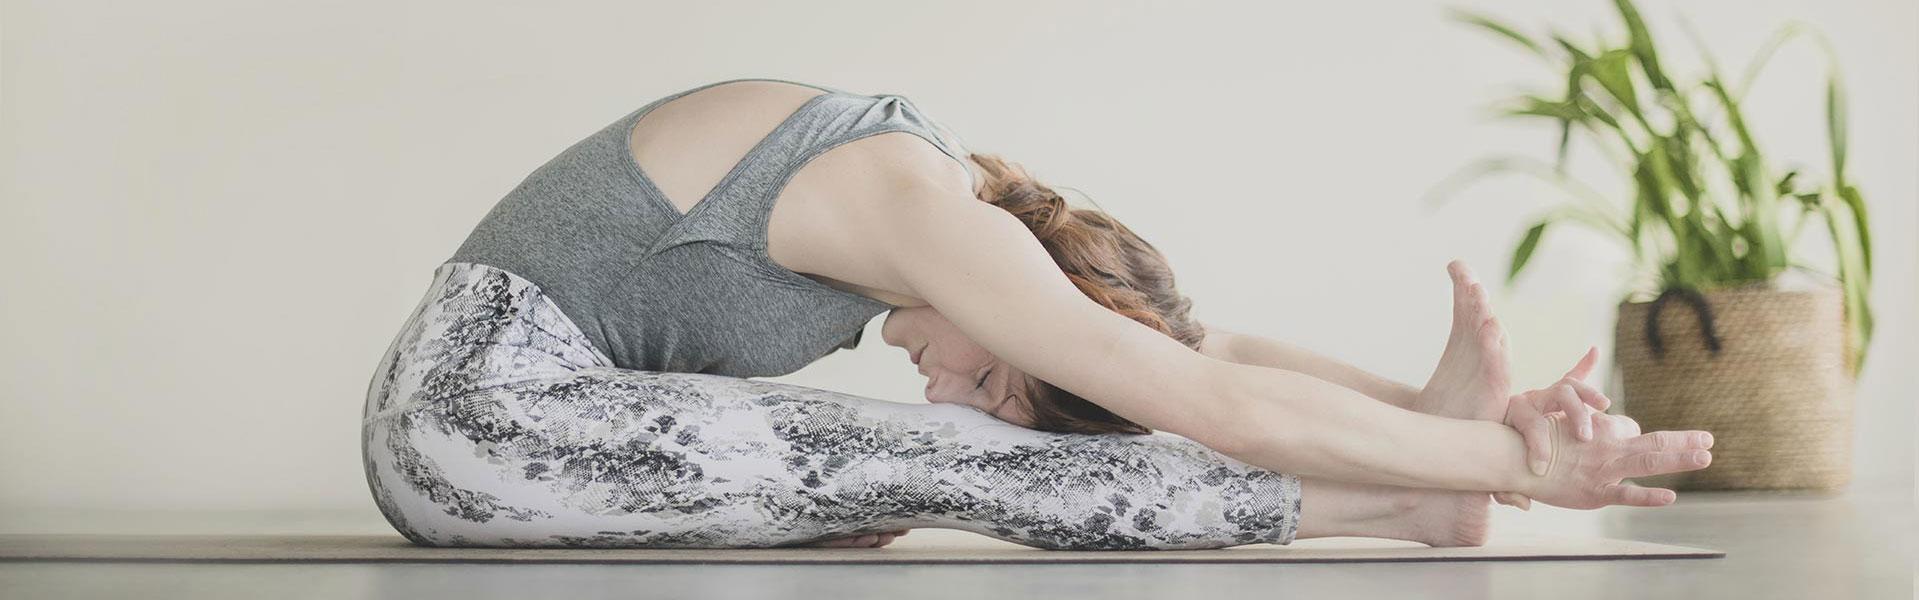 Cour de Yoga et Pilates à Laval